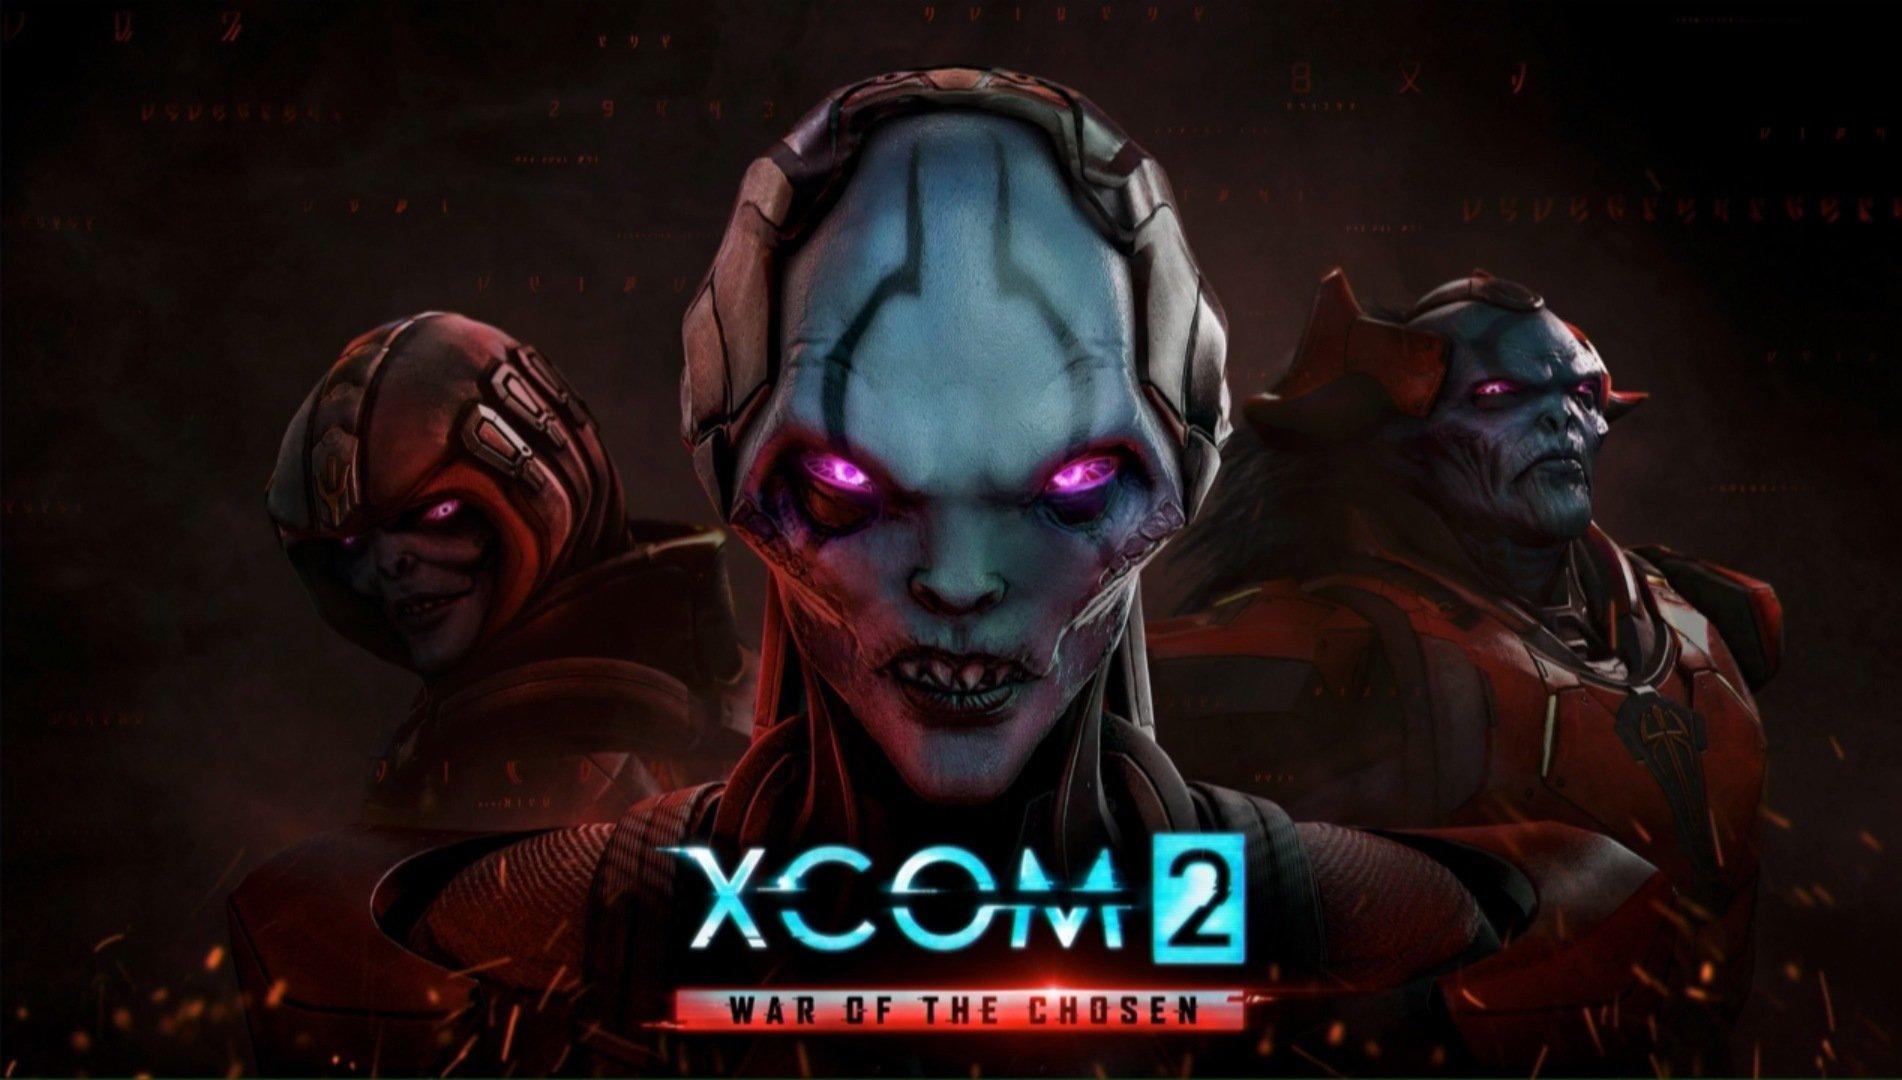 بسته الحاقی XCOM 2 از سیستم Nemesis عنوان Shadow of Mordor الهام گرفته شده